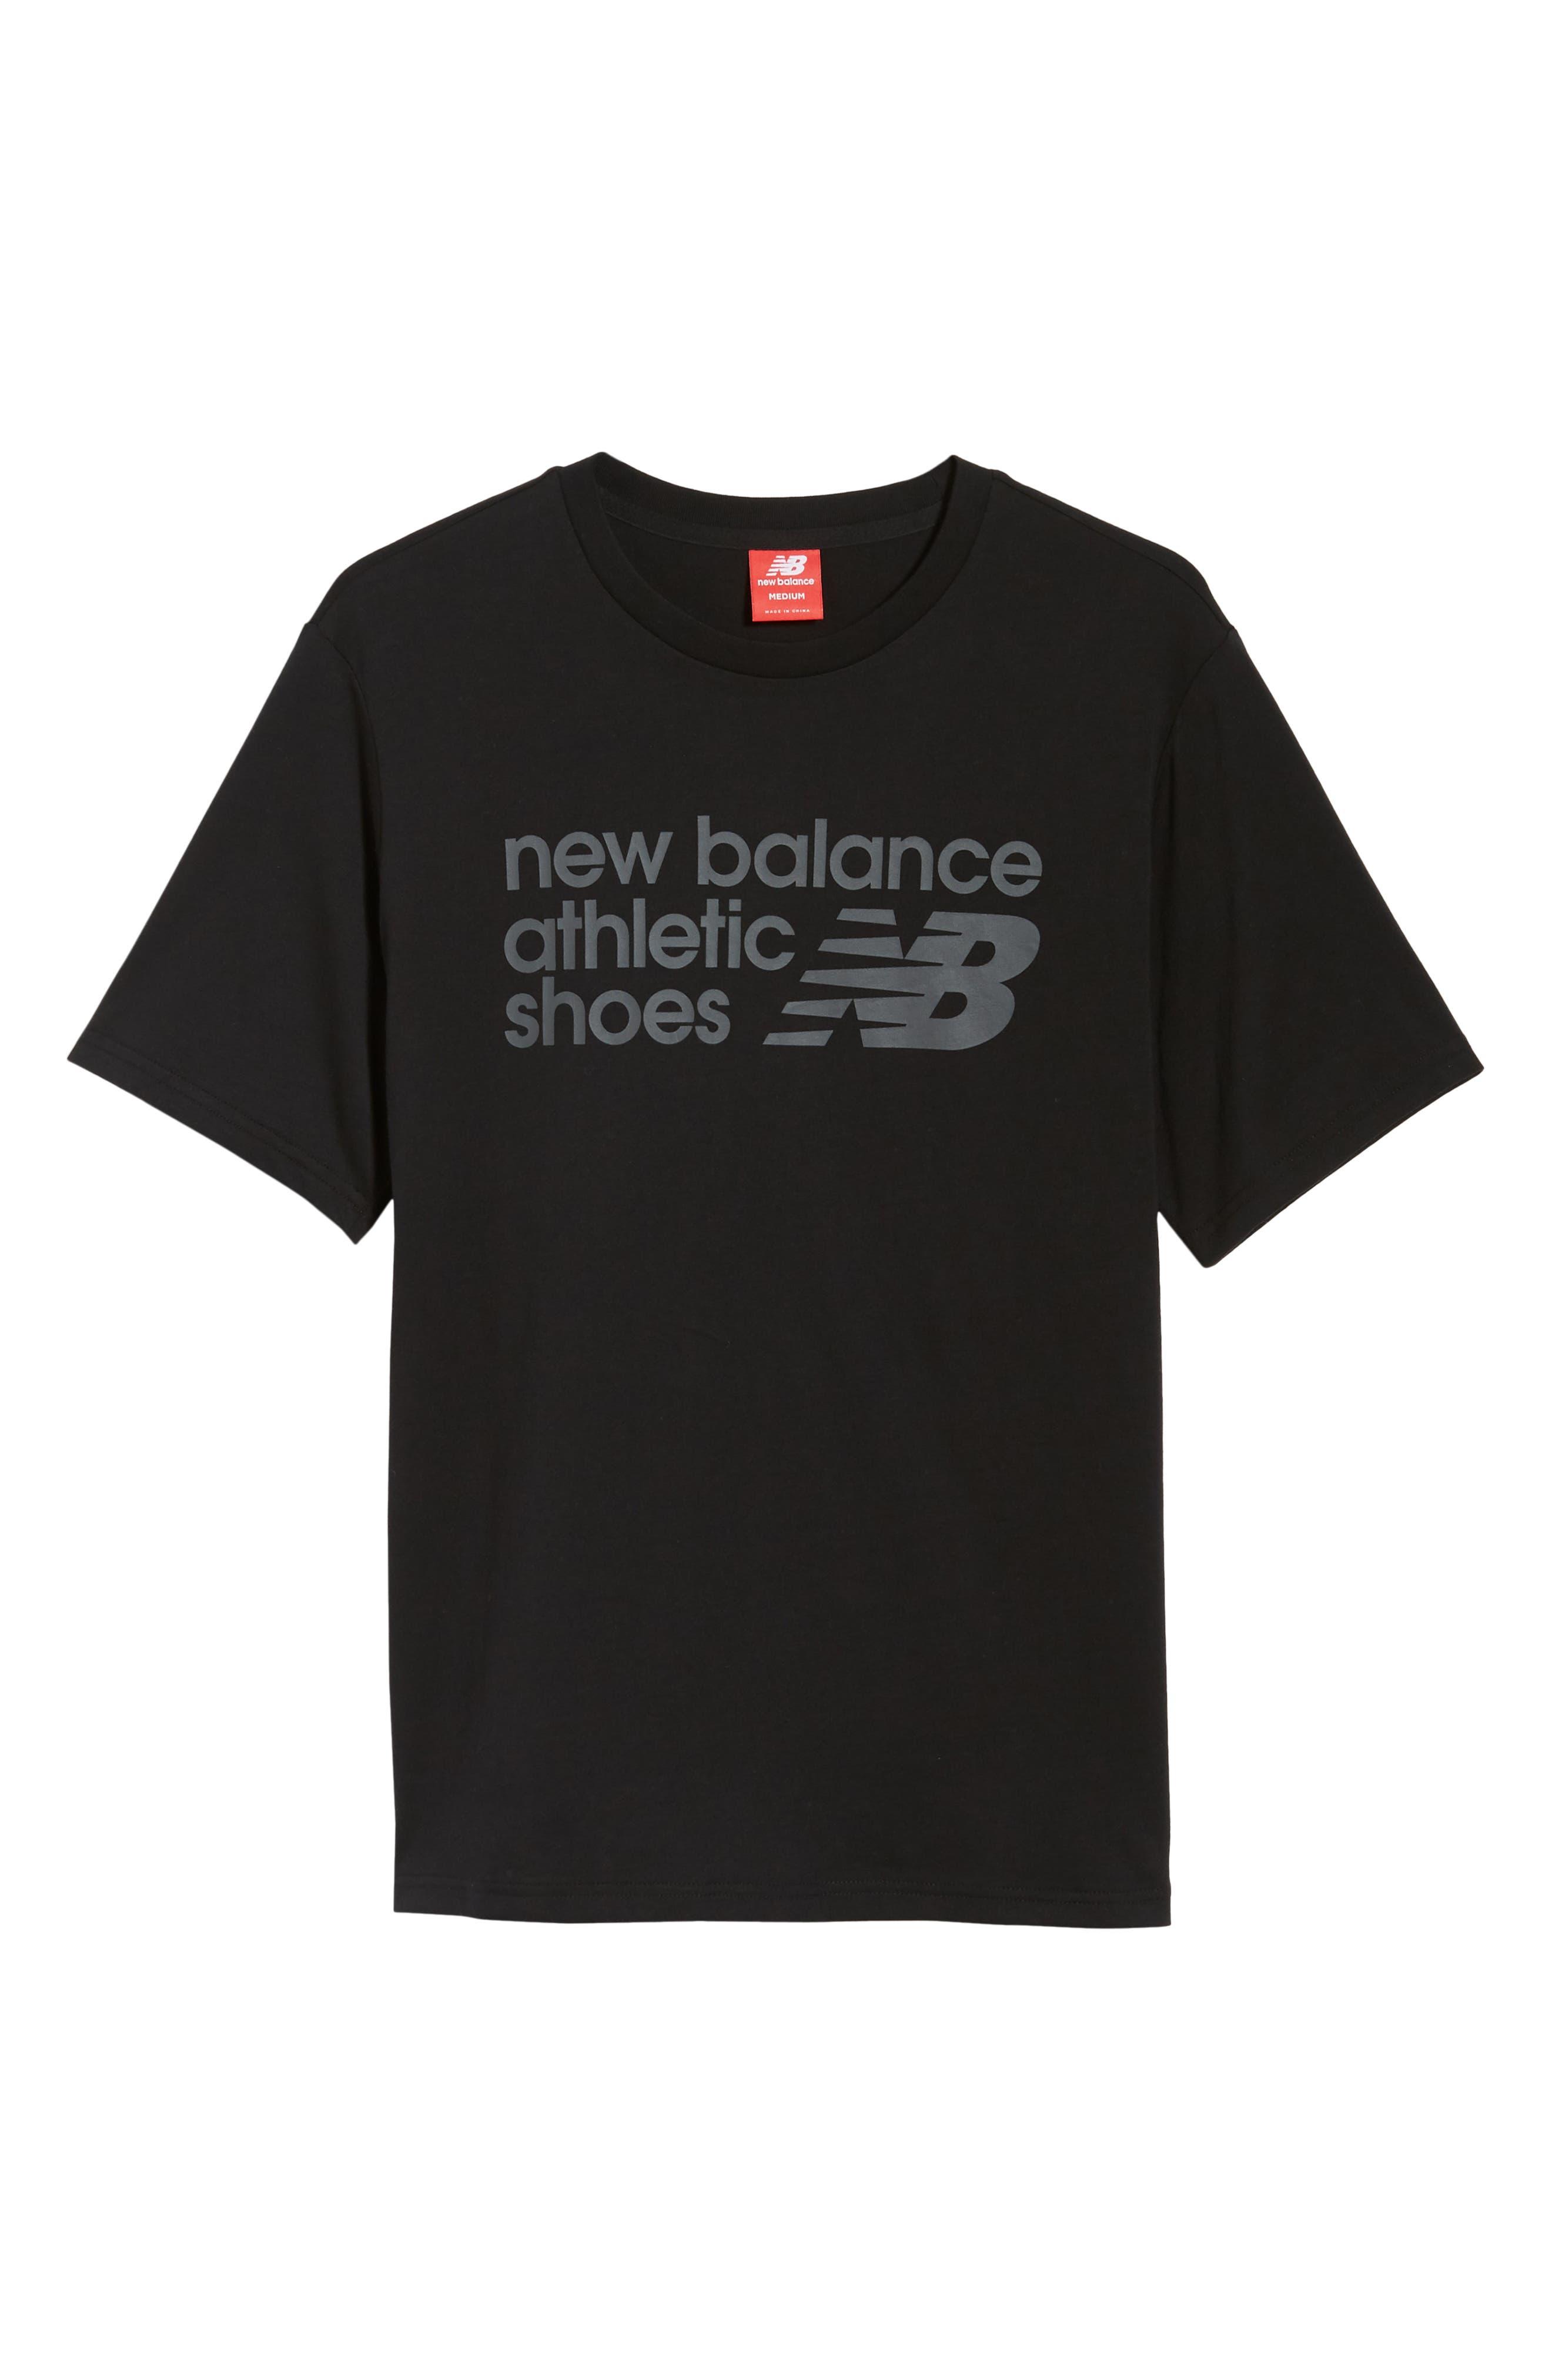 NB Shoe Box Graphic T-Shirt,                             Alternate thumbnail 6, color,                             BLACK